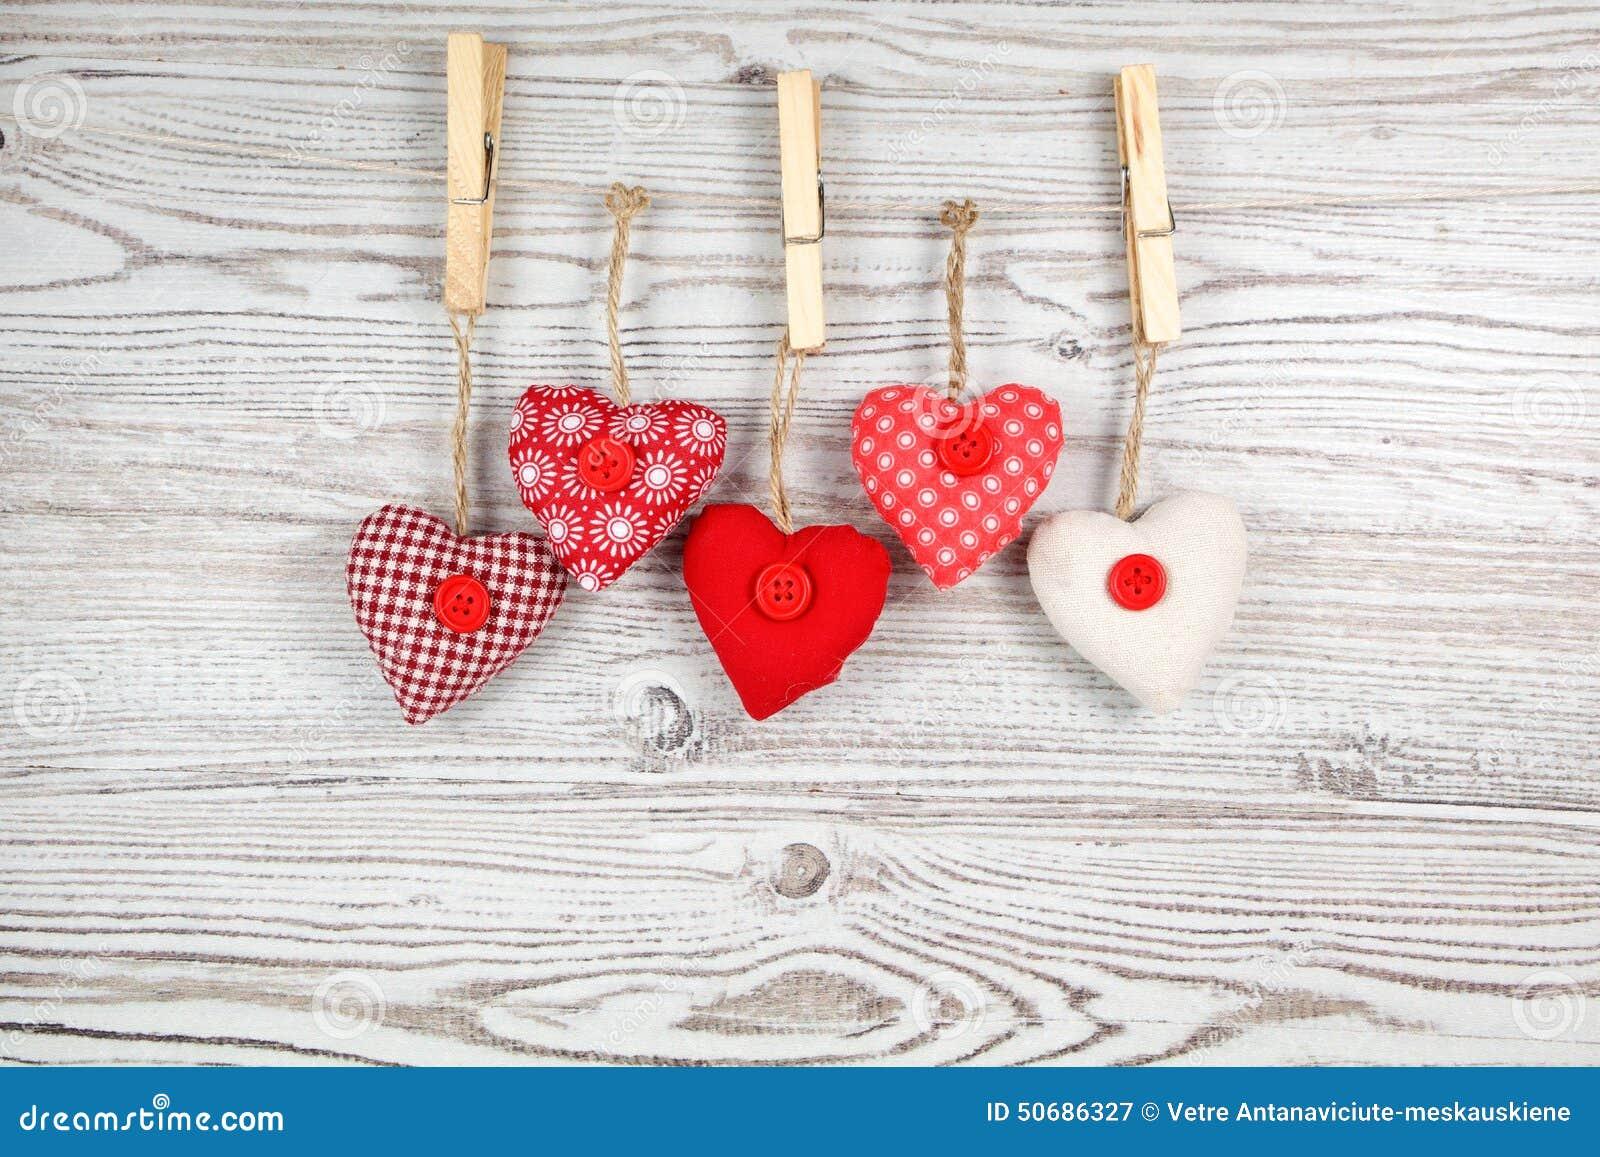 Download 在木头的心形的装饰 库存图片. 图片 包括有 纺织品, 背包, 玩具, 减速火箭, 葡萄酒, 土气, 红色 - 50686327